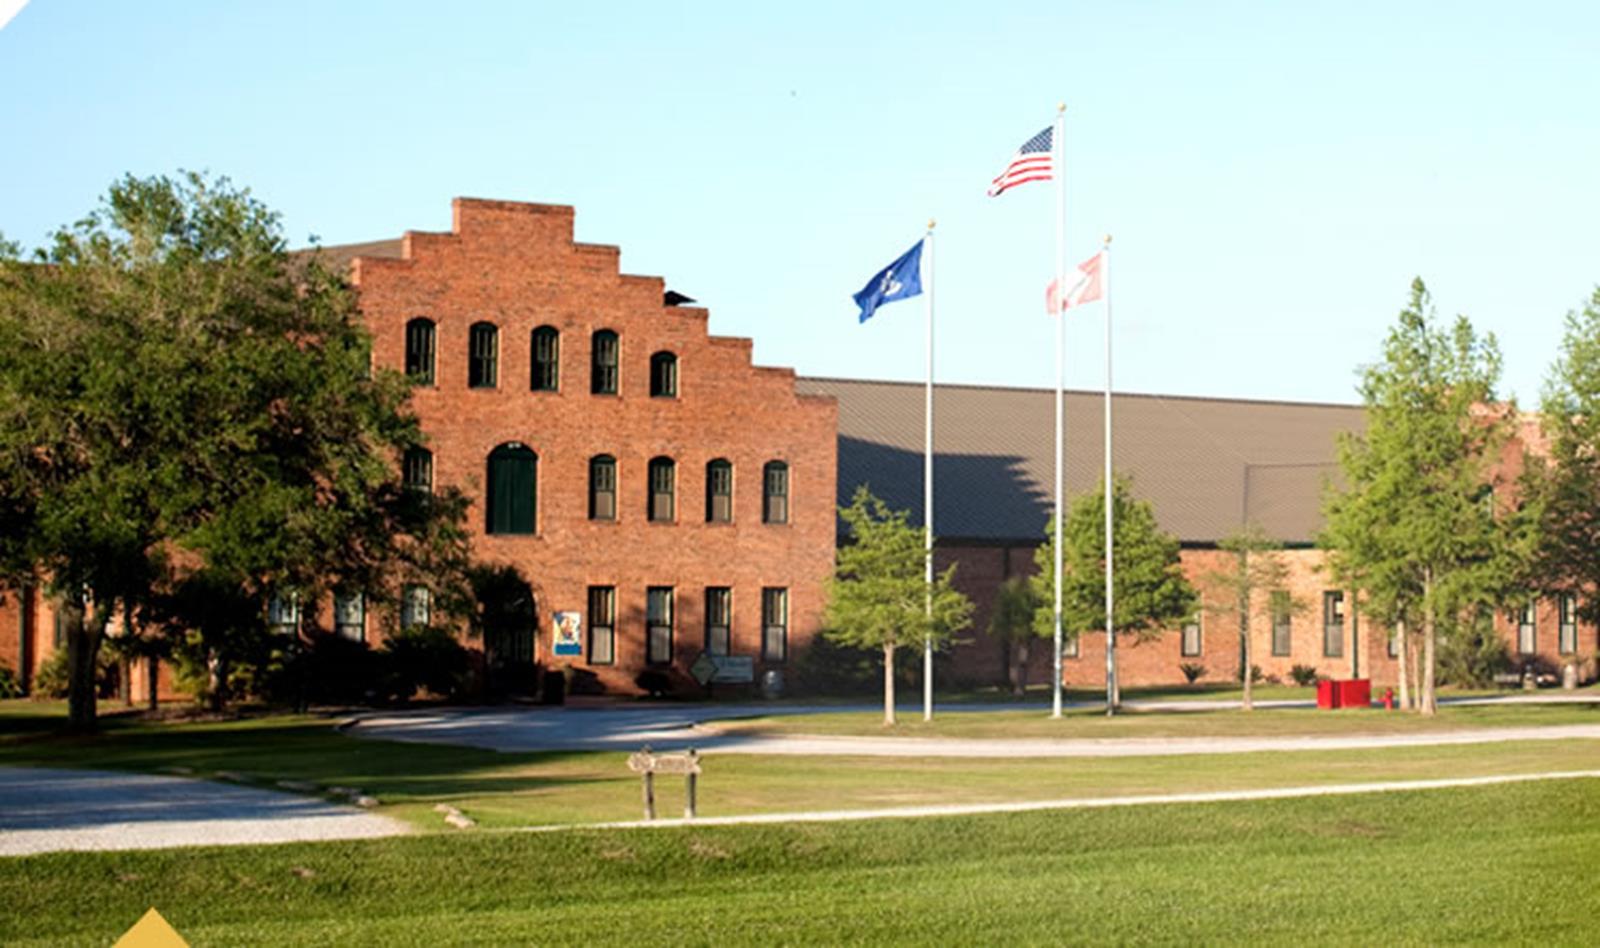 McIlhenny Company Tobasco factory Avery Island, Louisiana